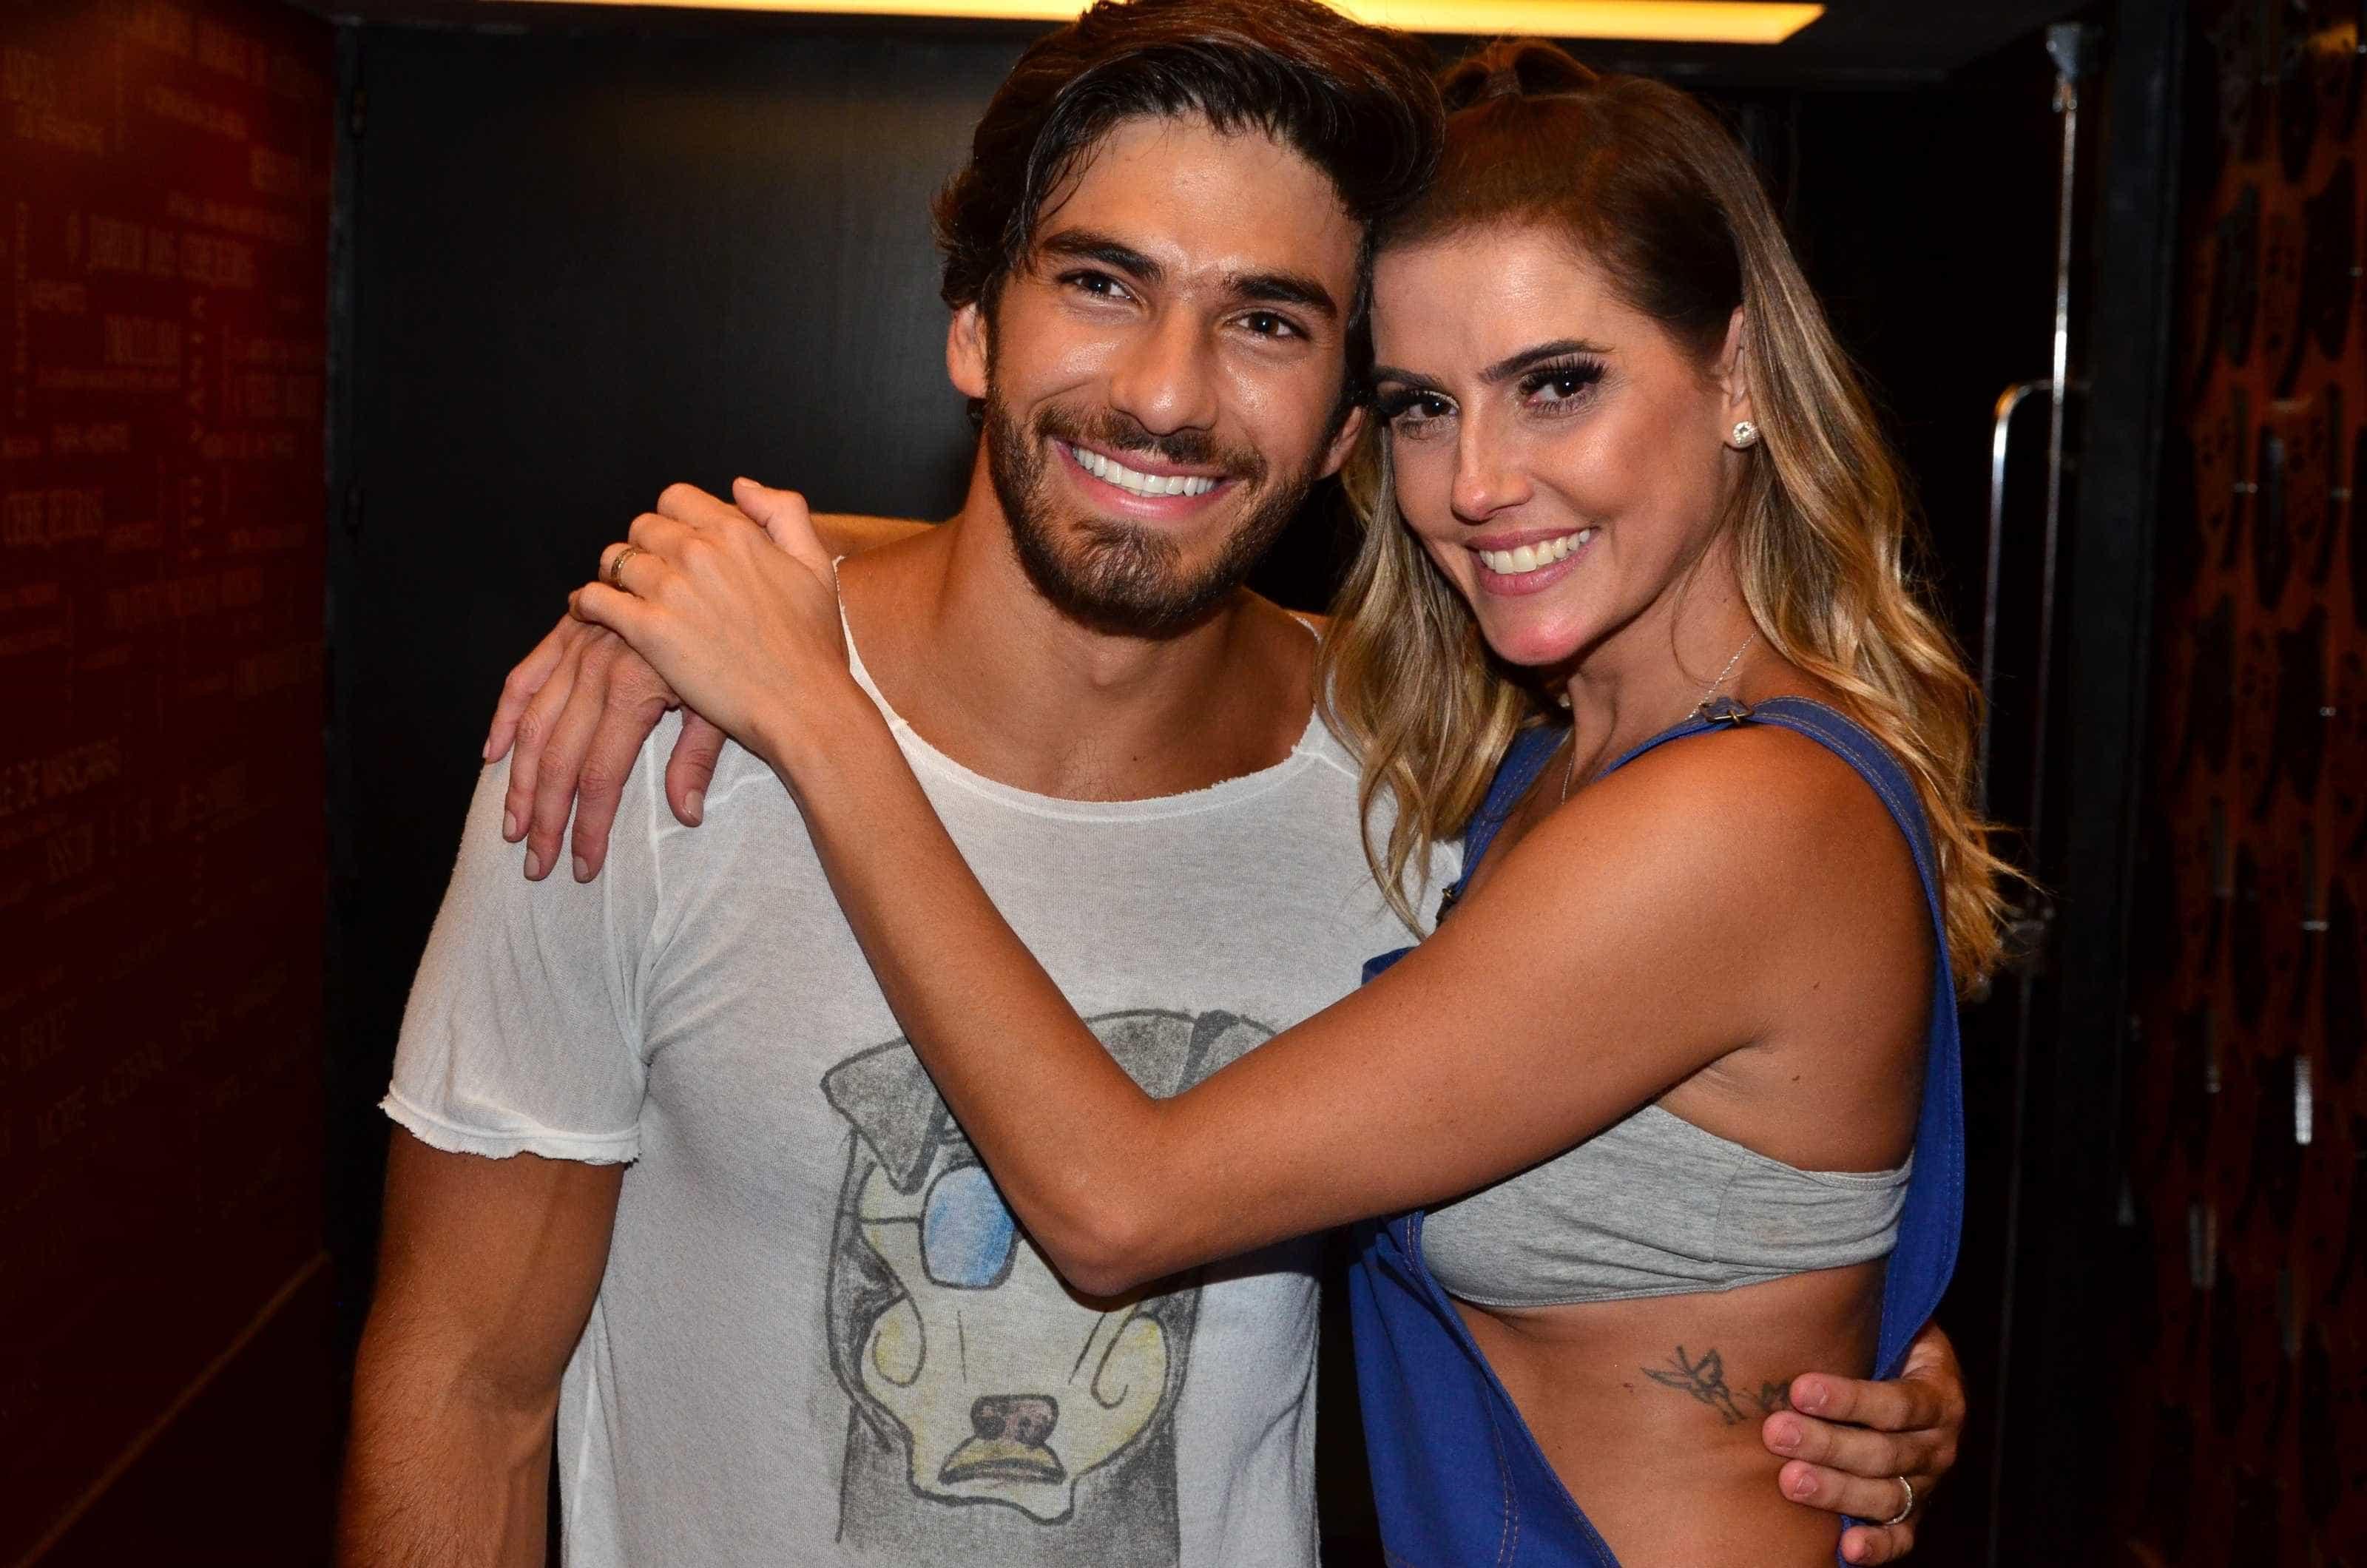 Marido de Deborah Secco será garoto de programa em nova novela da Globo